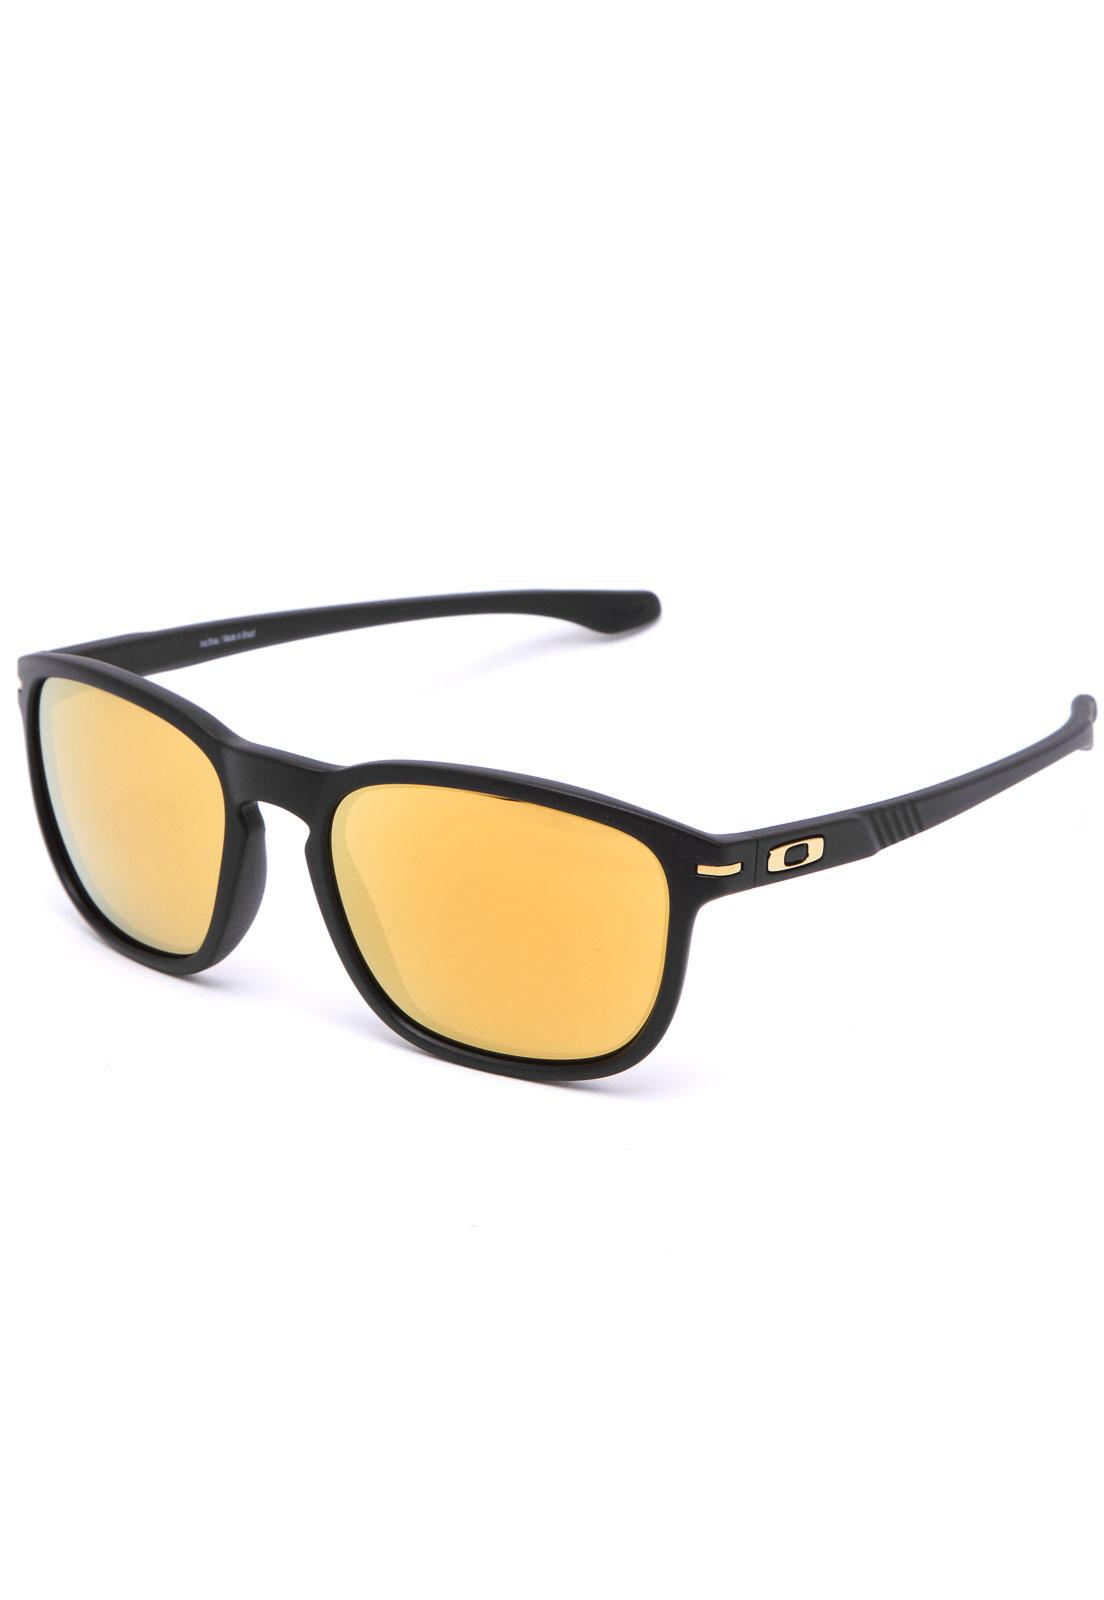 Oculos De Sol Oakley Enduro Special Edition Preto Dourado Oculos